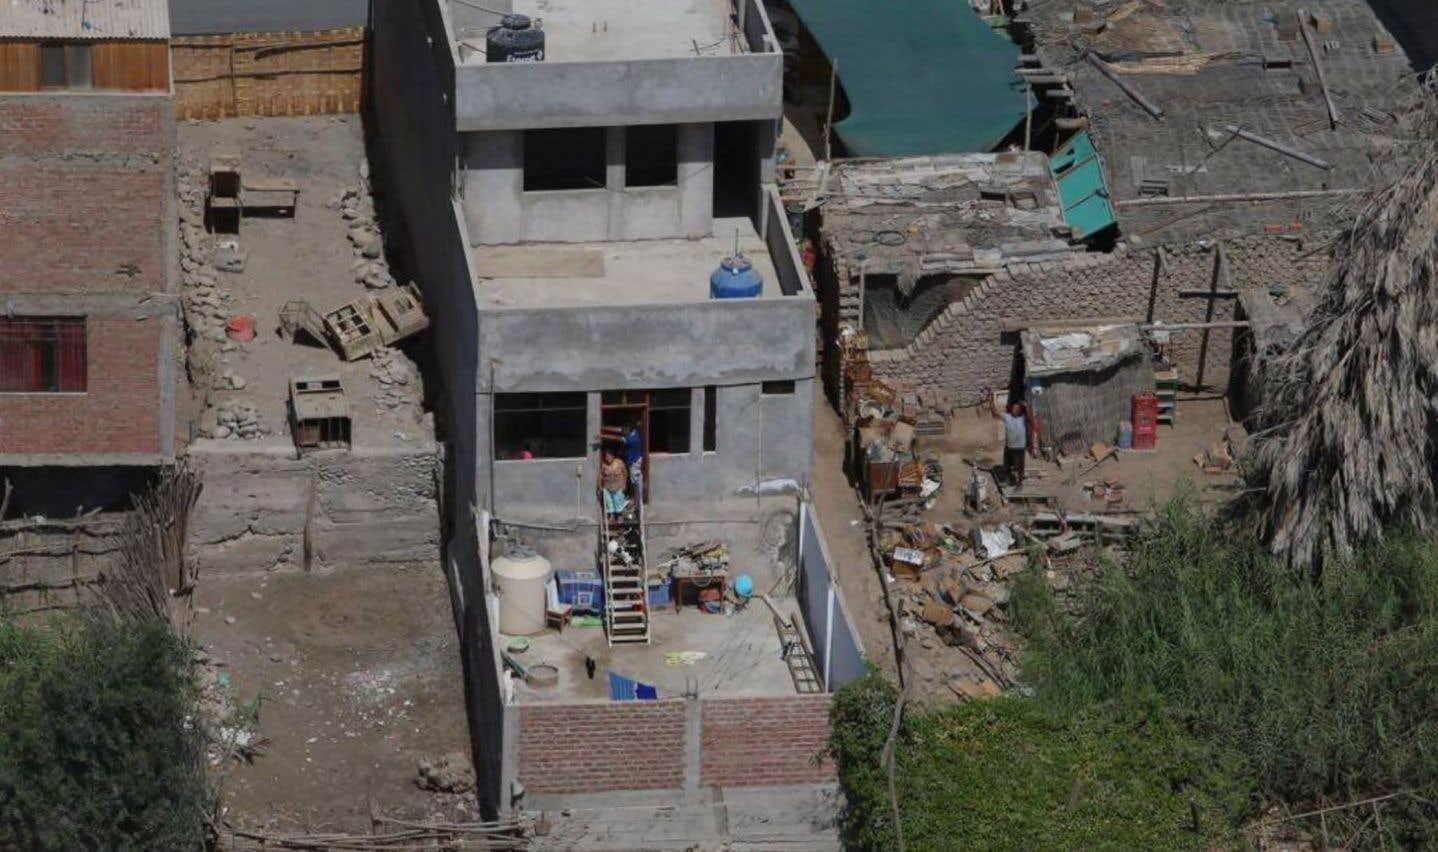 Des bâtiments ont été endommagés à Chala, une petite ville située à l'ouest d'Arequipa.